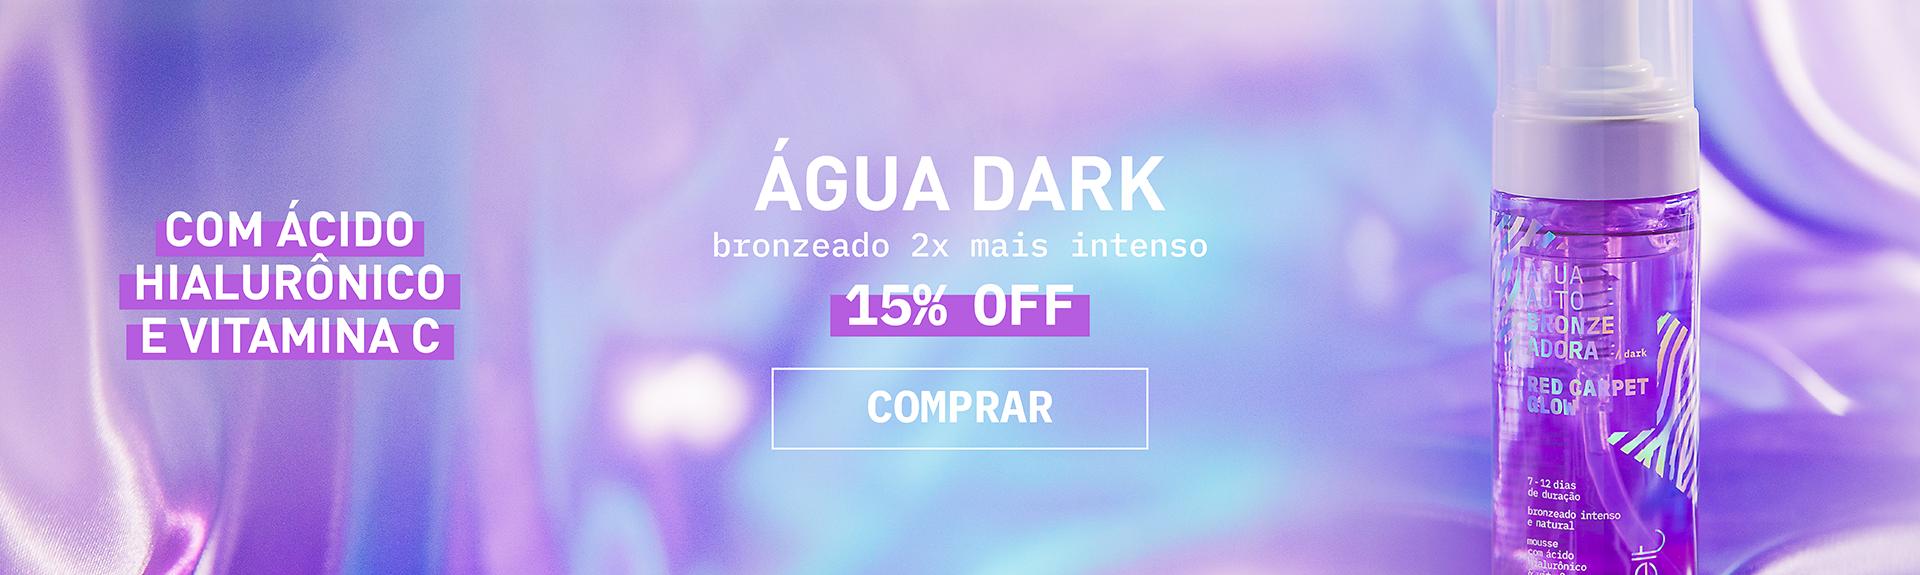 PROMOÇÃO ÁGUA DARK